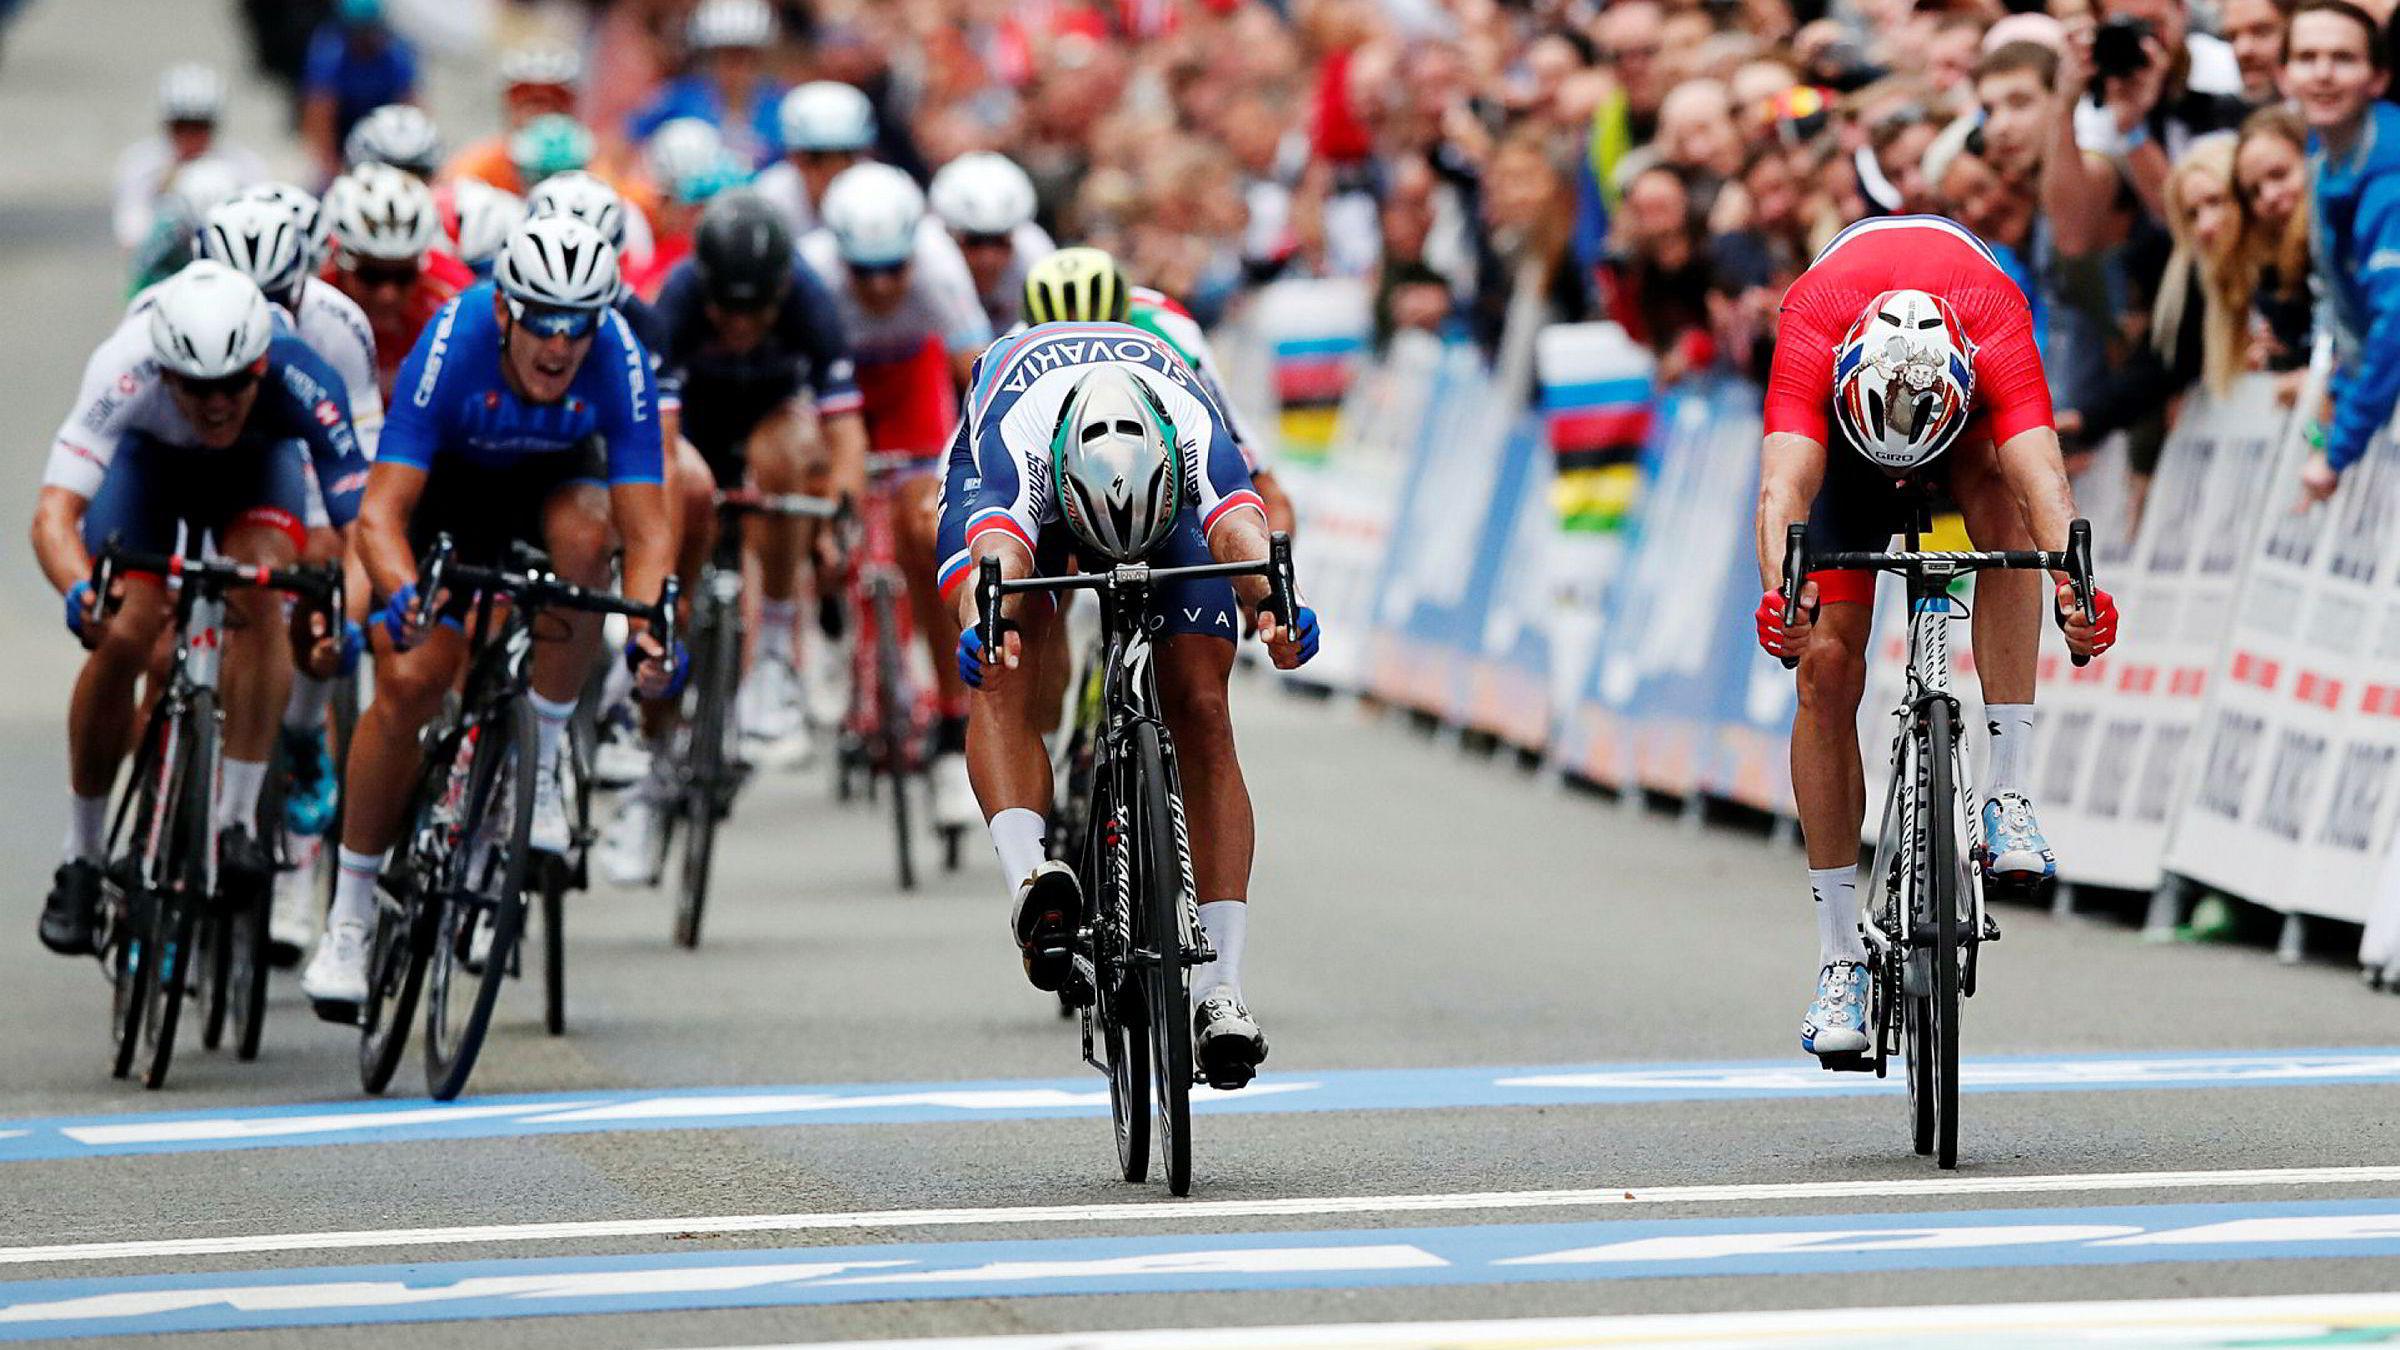 Slovakiske Peter Sagan ble verdensmester i Bergen 24. september etter å ha slått nordmannen Alexander Kristoff i spurten.